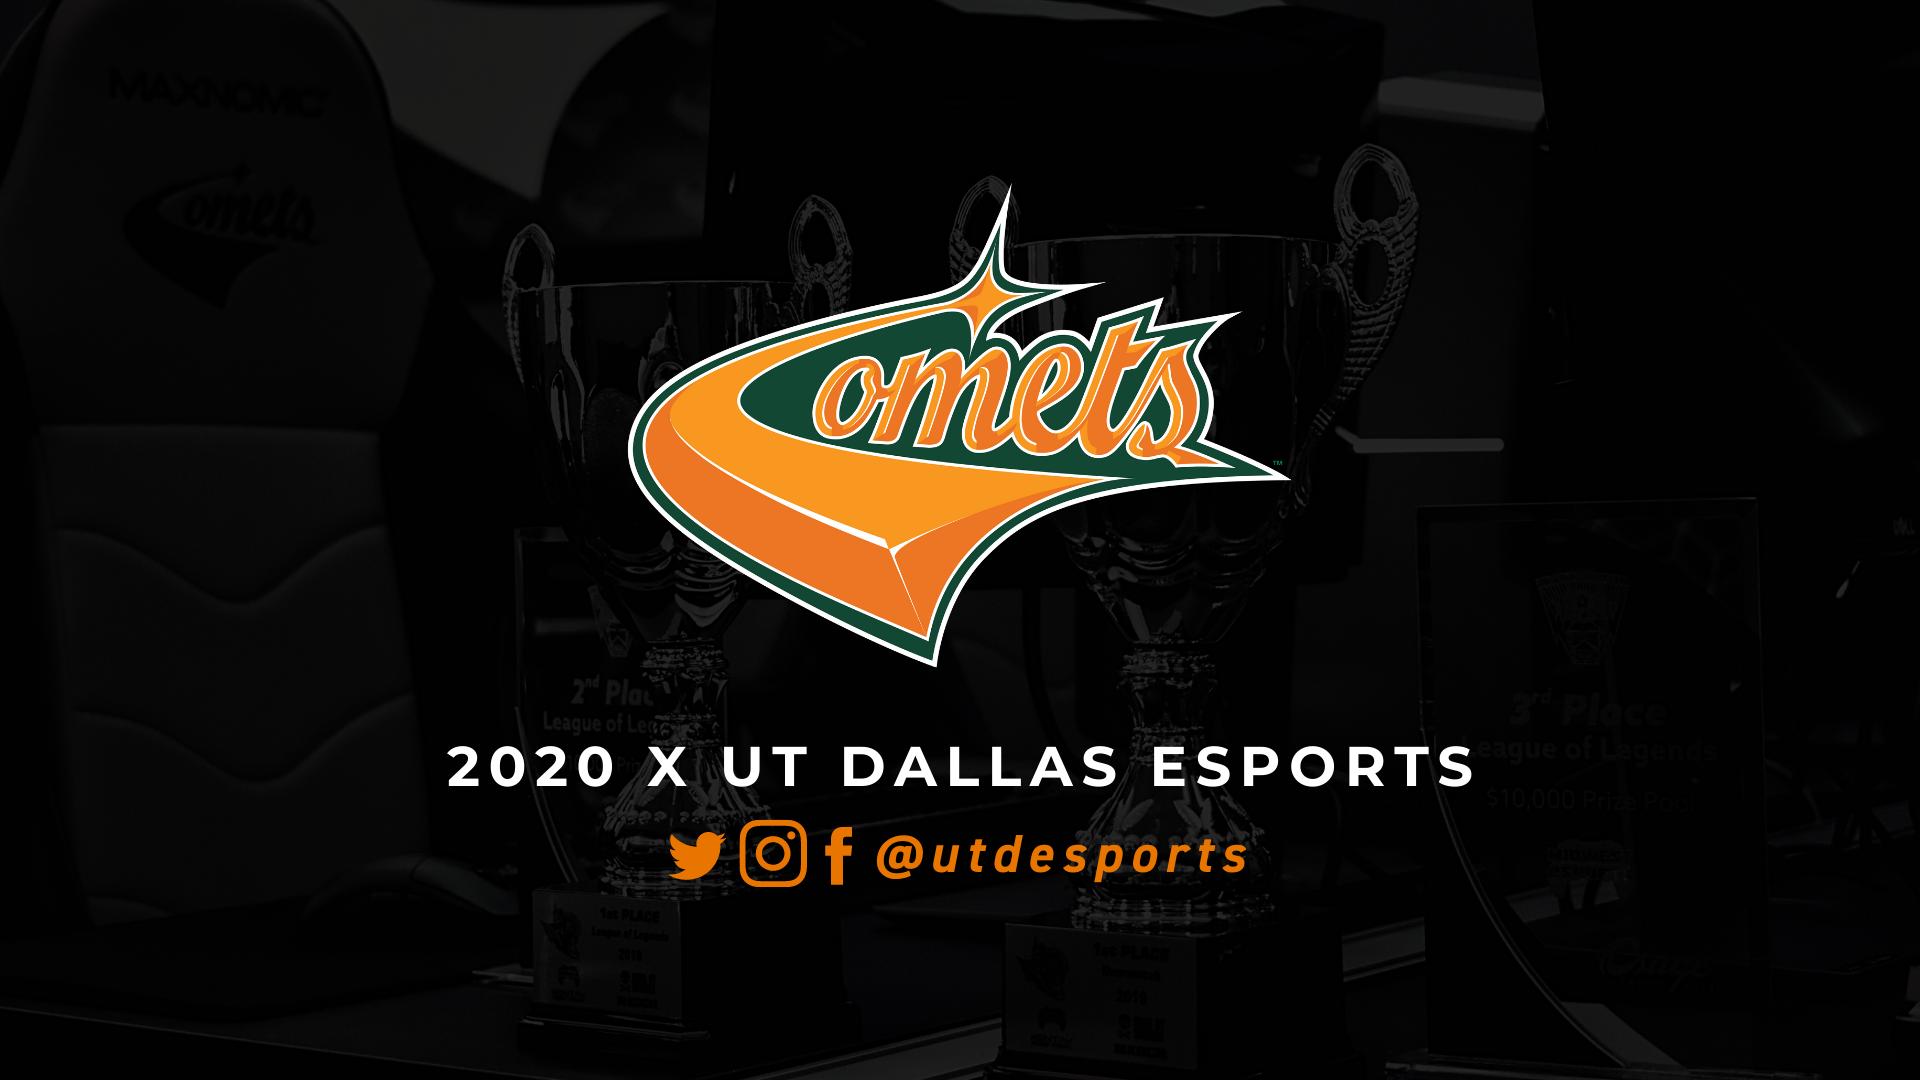 2020 x UT Dallas Esports